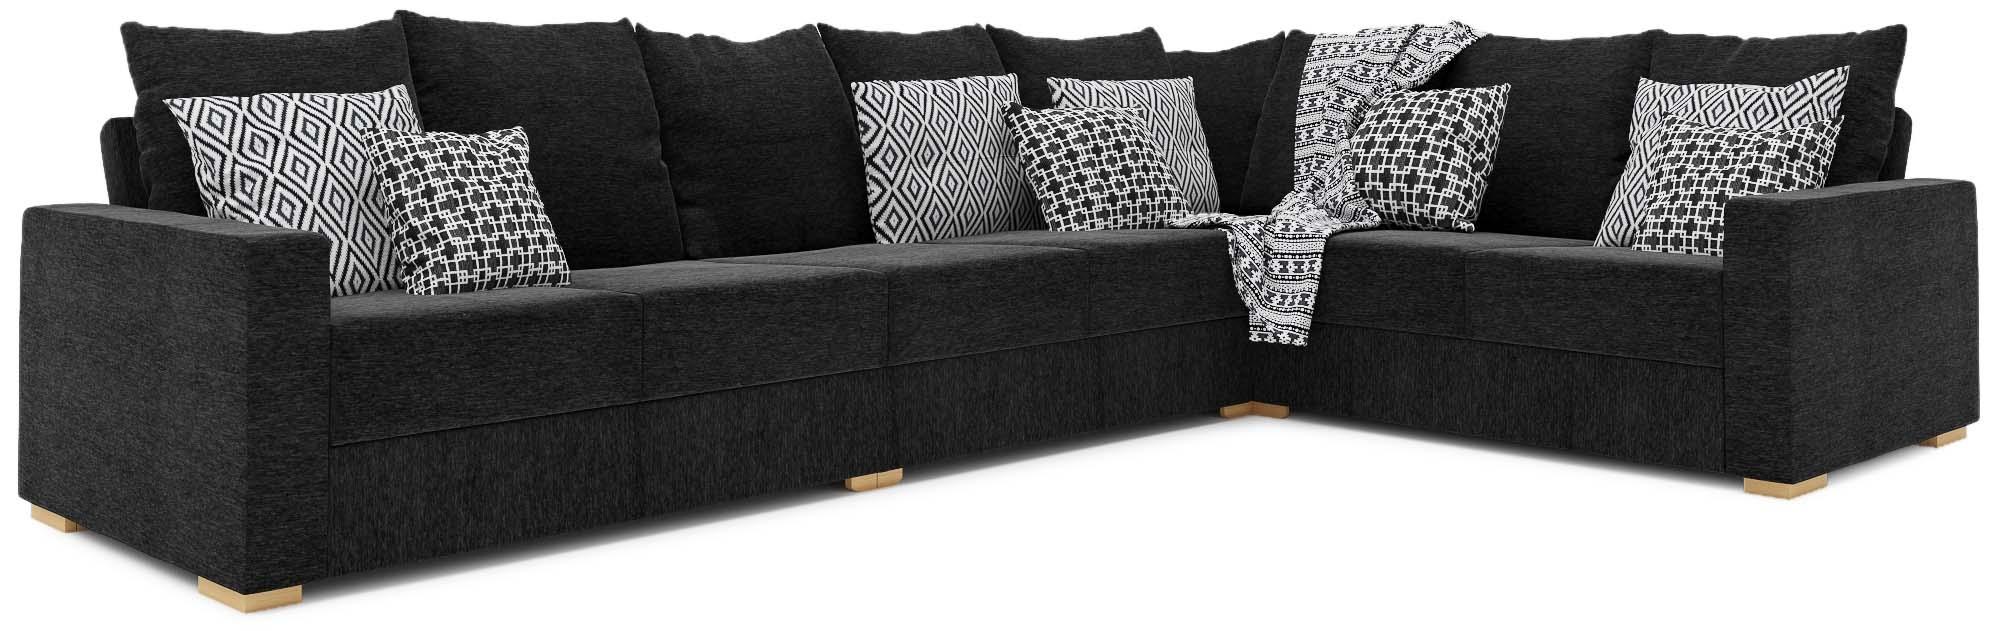 tor 5x3 sofa bed very big corner sofa bed nabru. Black Bedroom Furniture Sets. Home Design Ideas